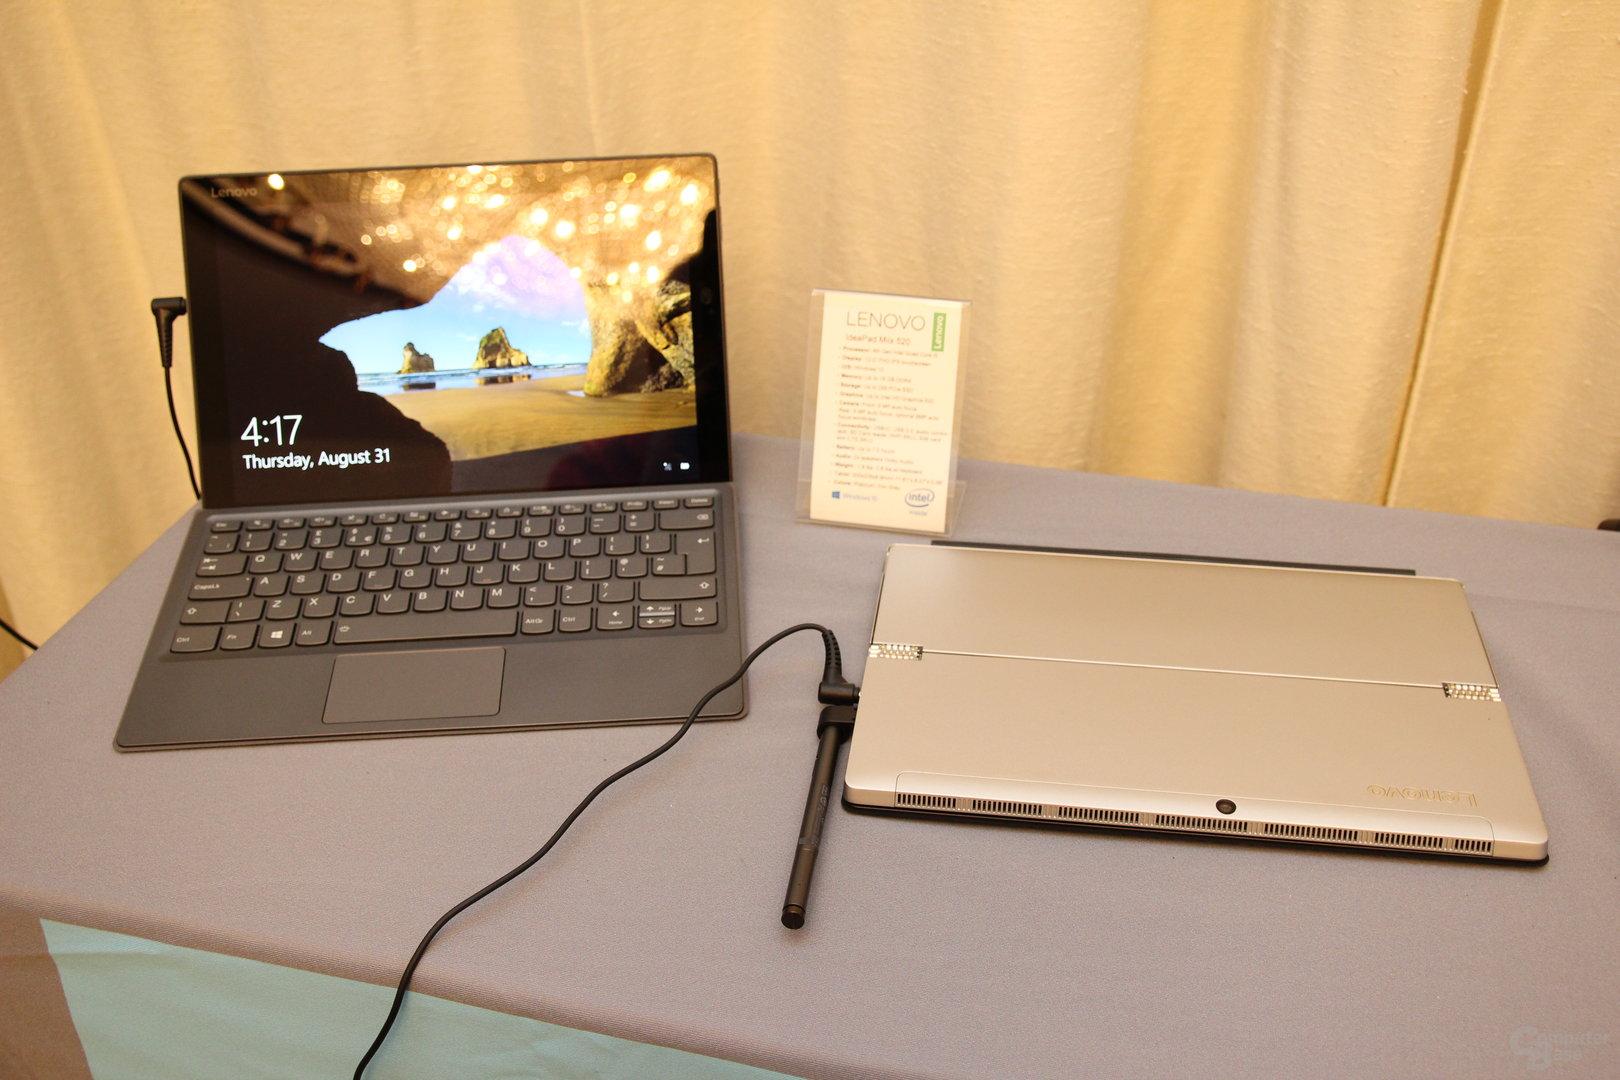 Lenovo IdeaPad Miix 520